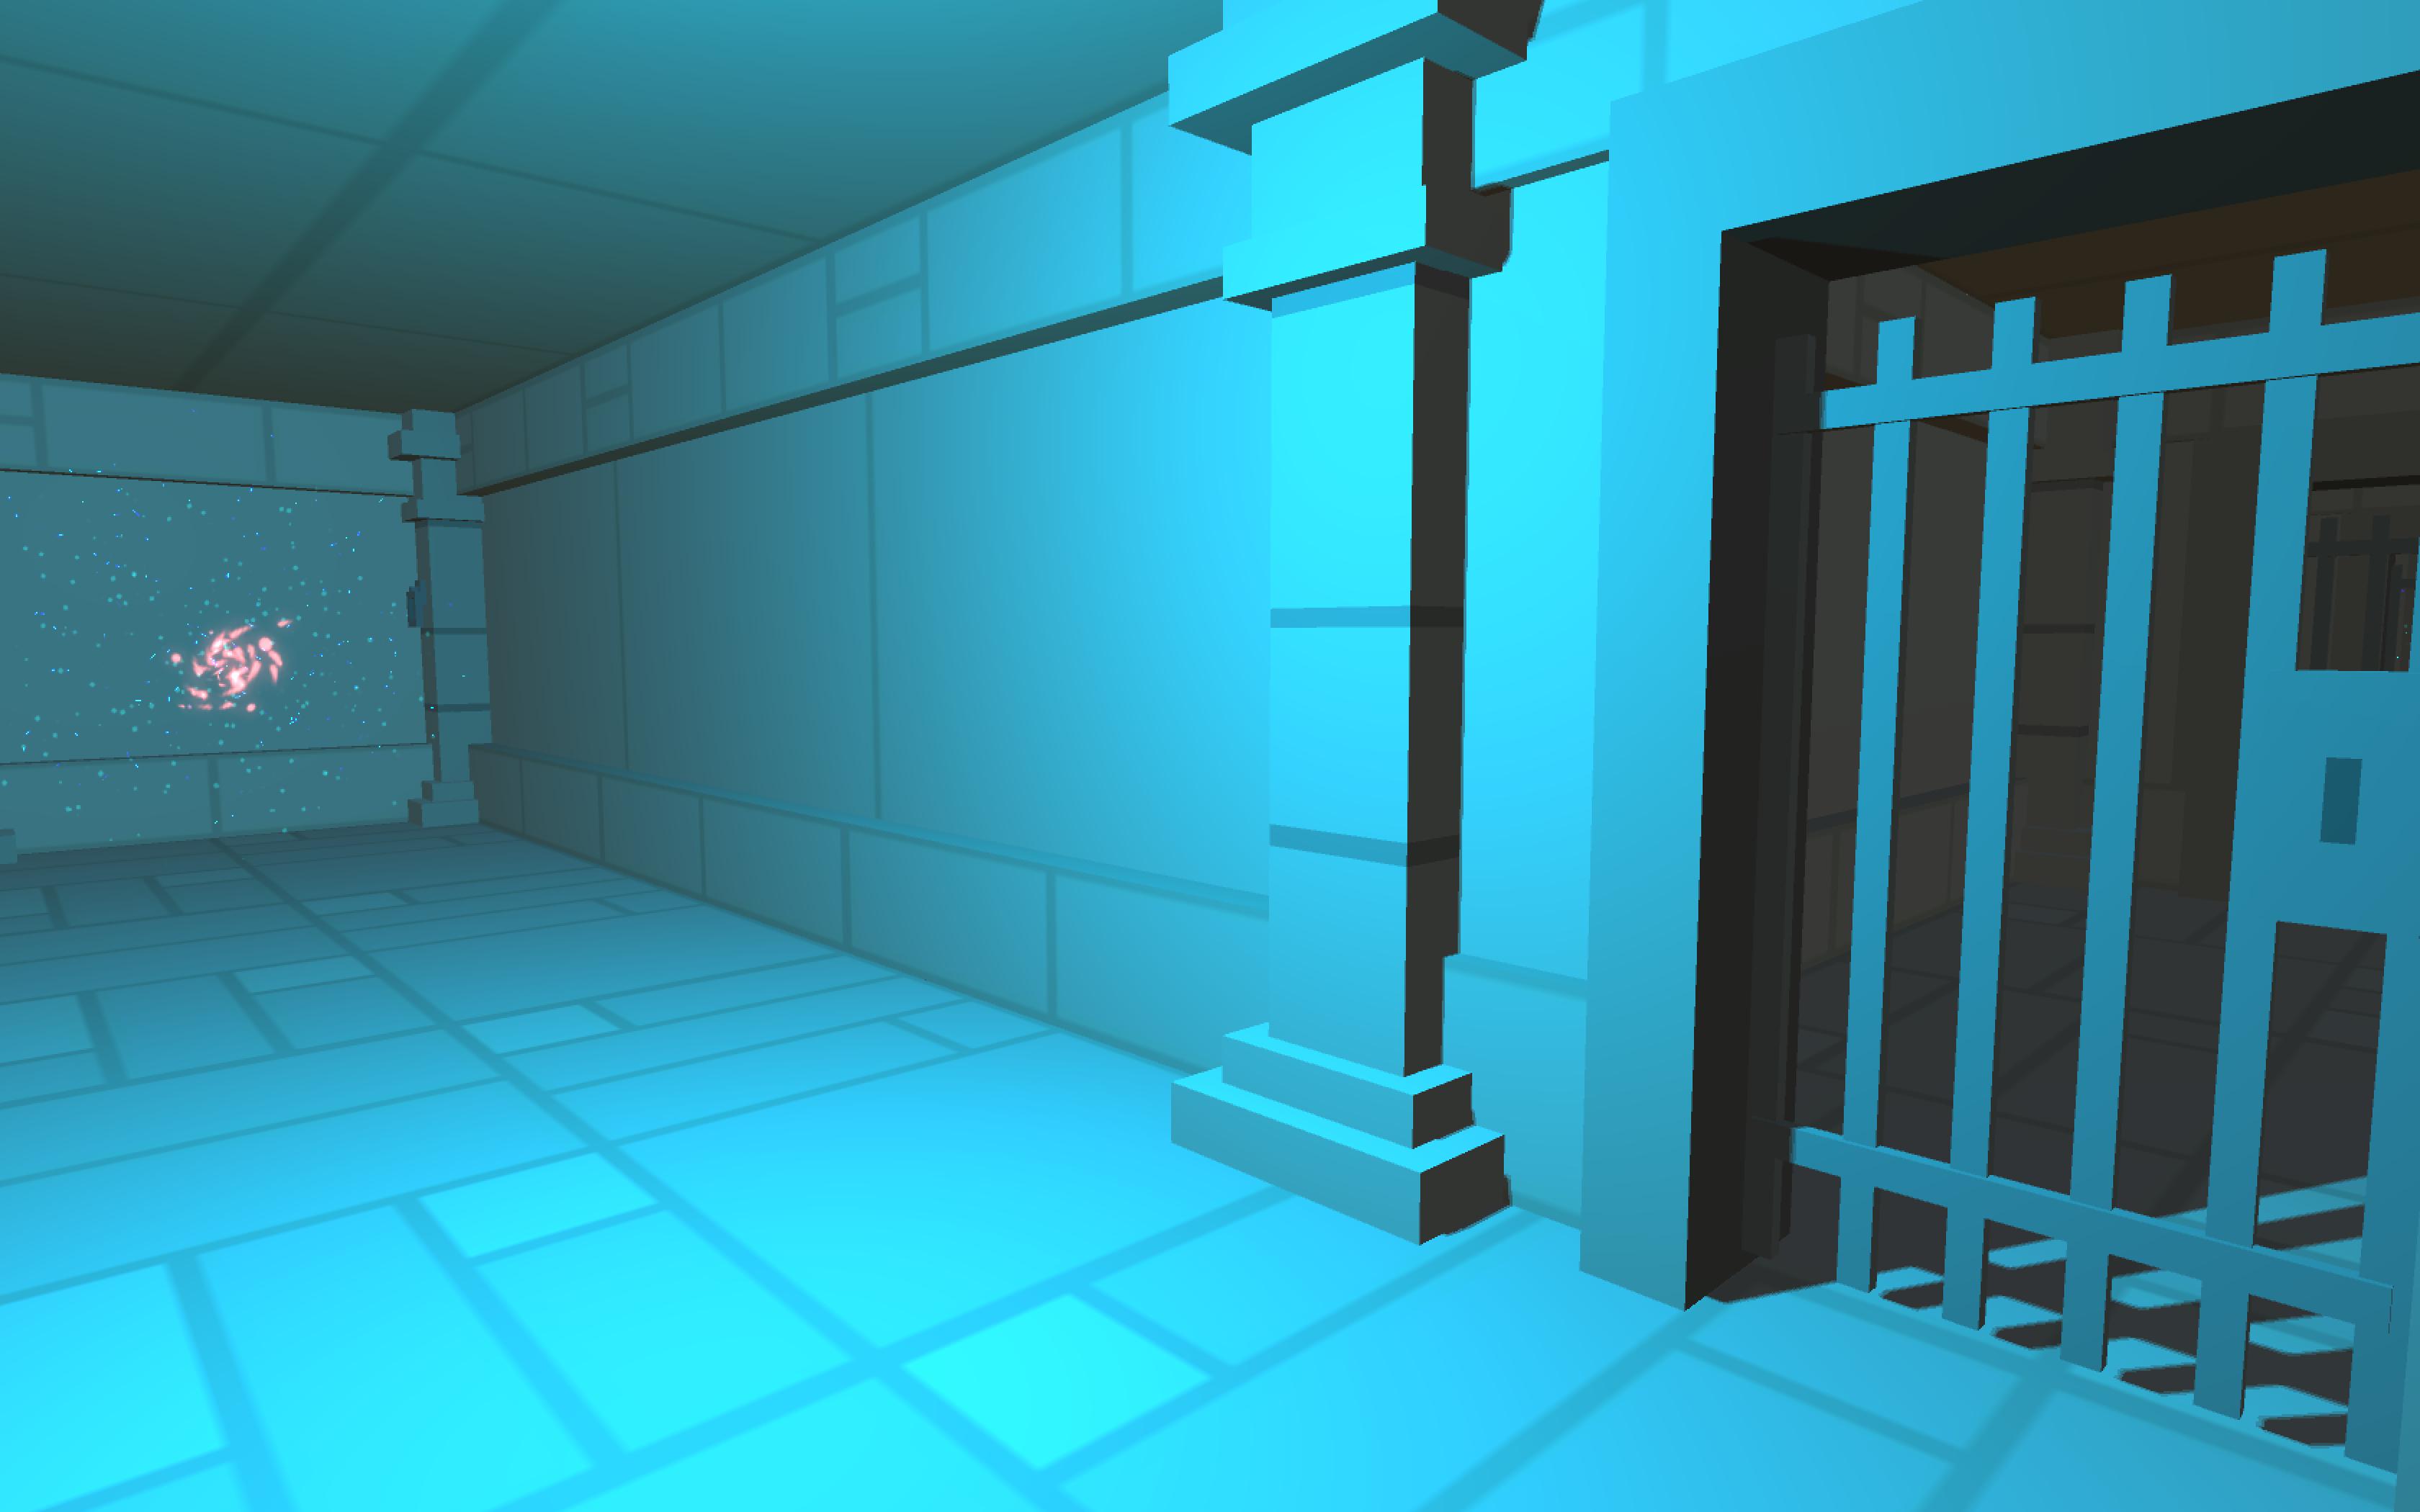 Level 2 Image 3